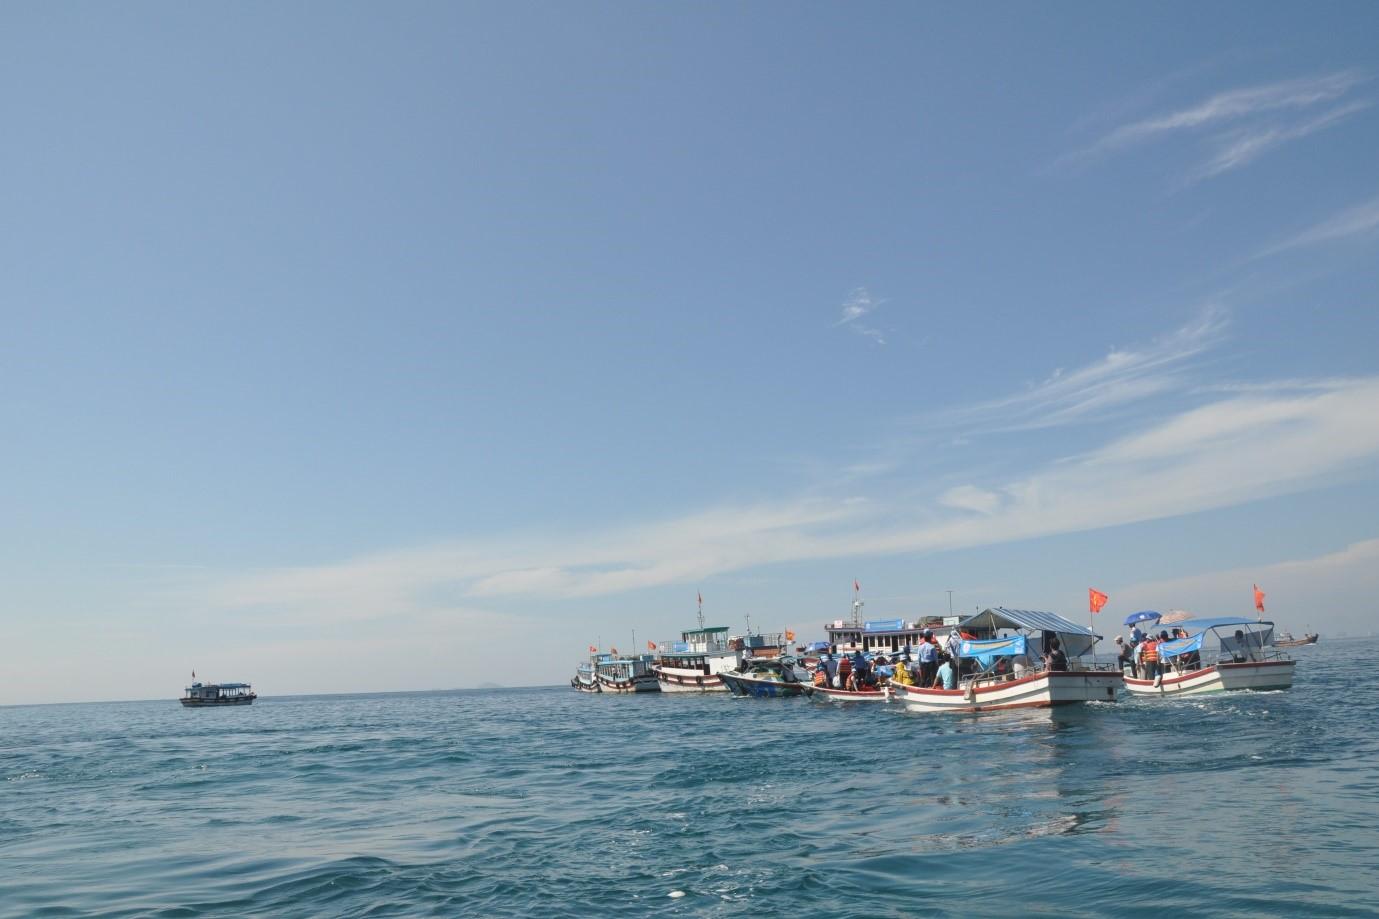 Thực hiện chương trình thả cá giống tái tạo nguồn lợi thủy sản